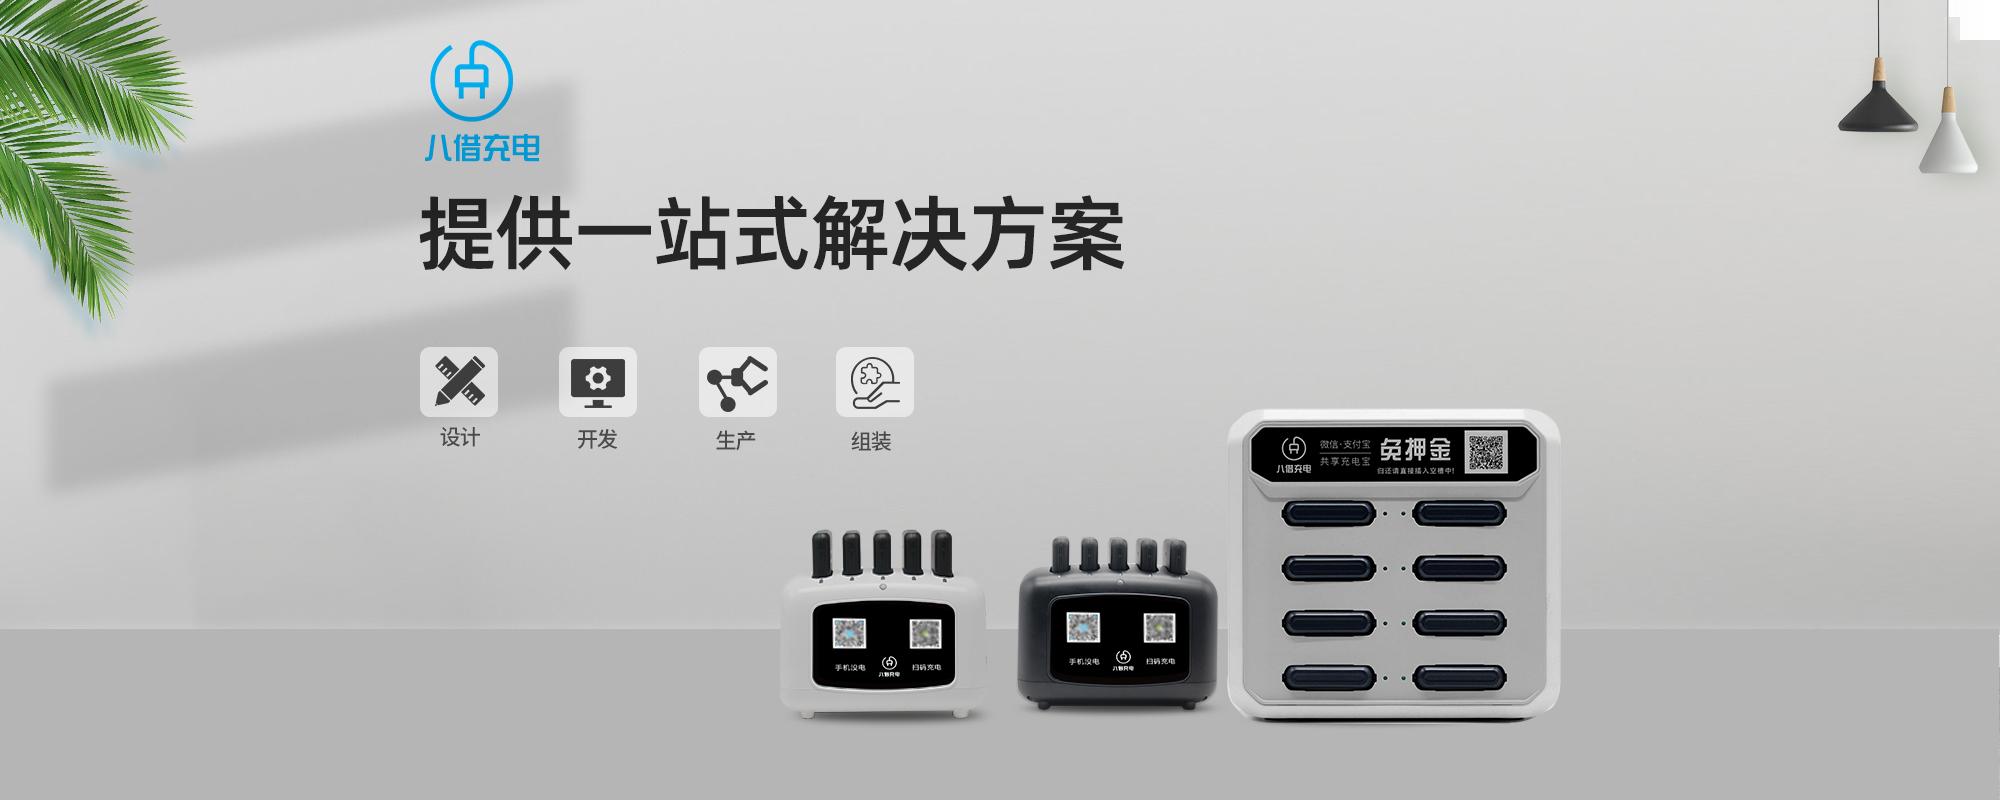 深圳共享充电宝解决方案